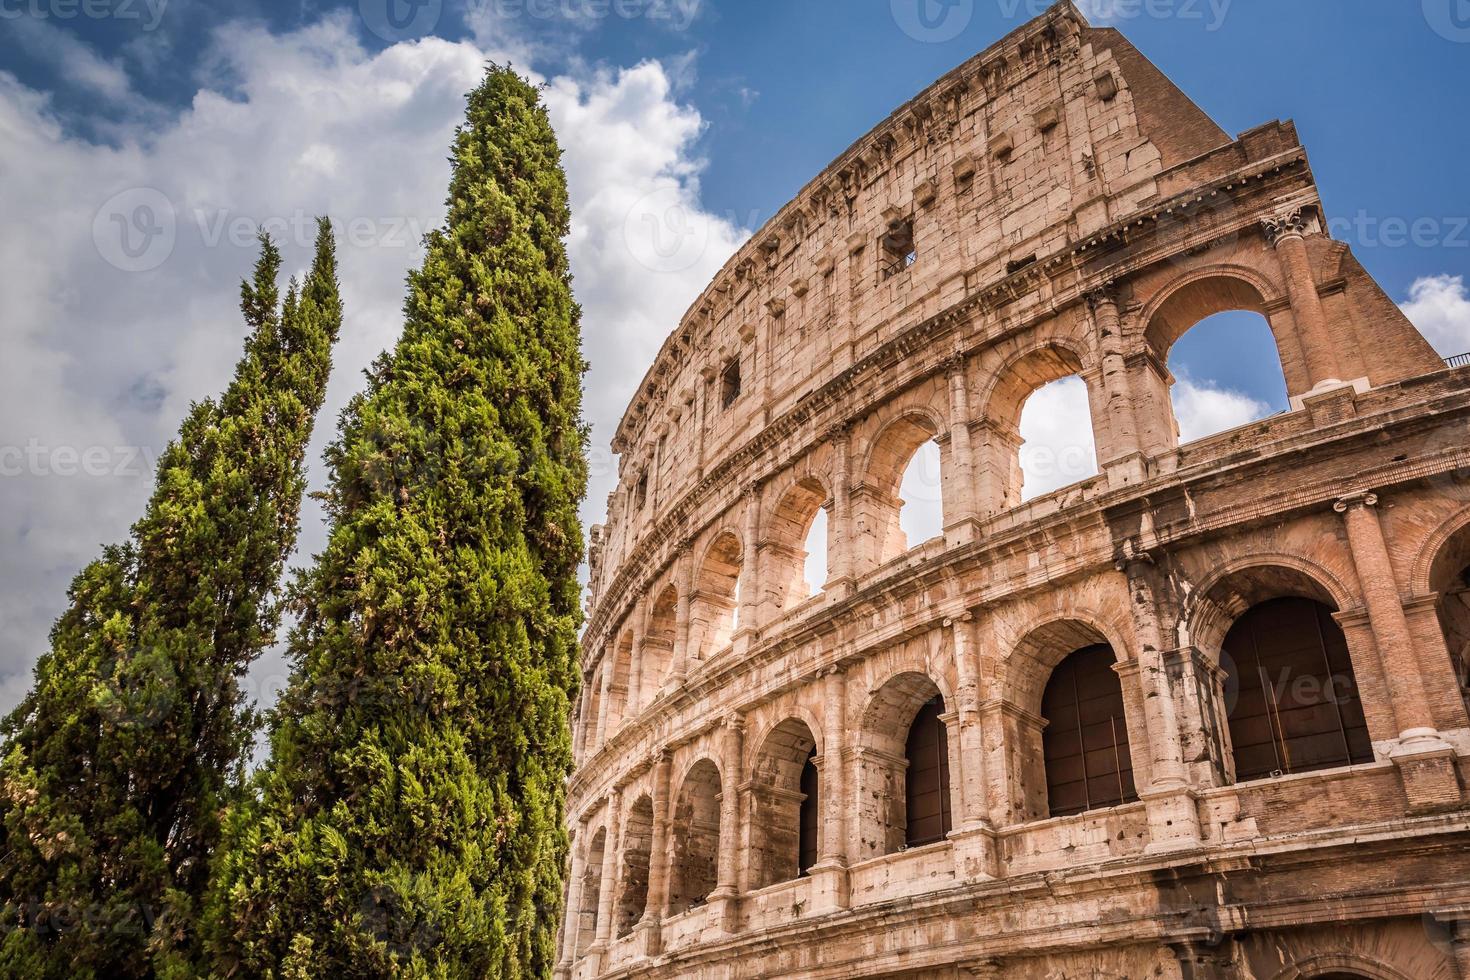 bellissimo Colosseo a Roma, Italia foto